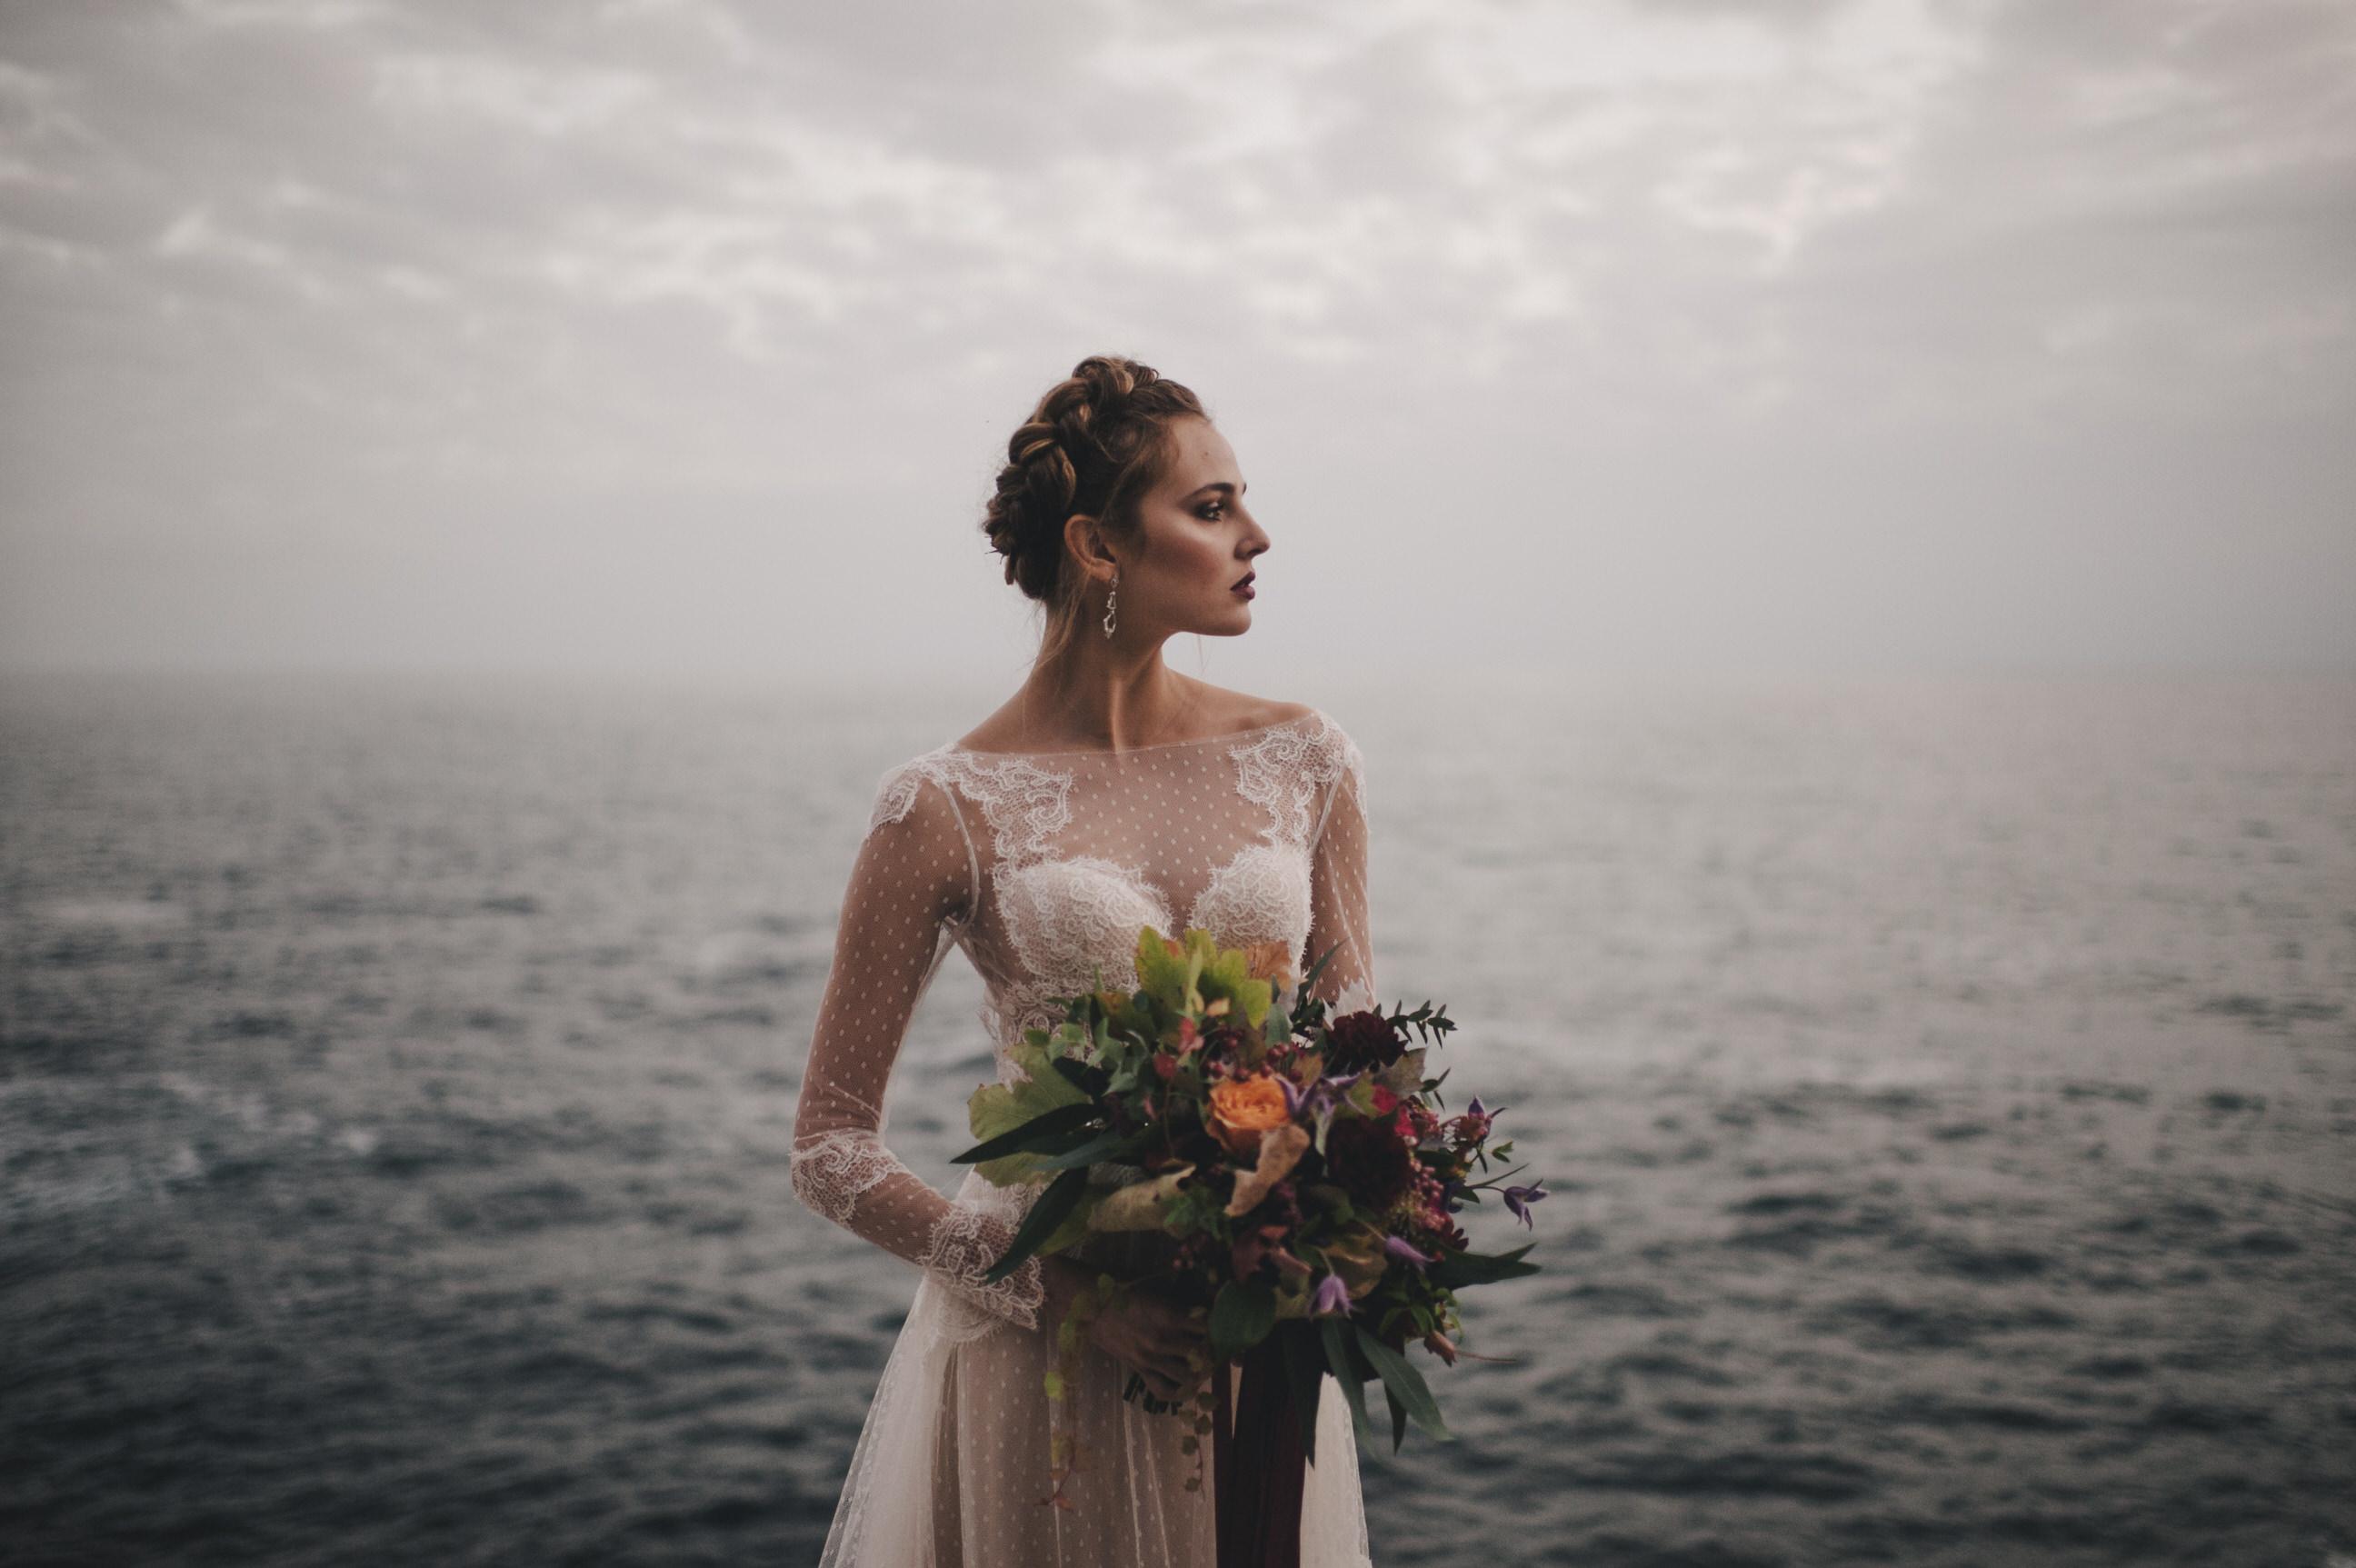 bride's portrait holding the wedding bouquet